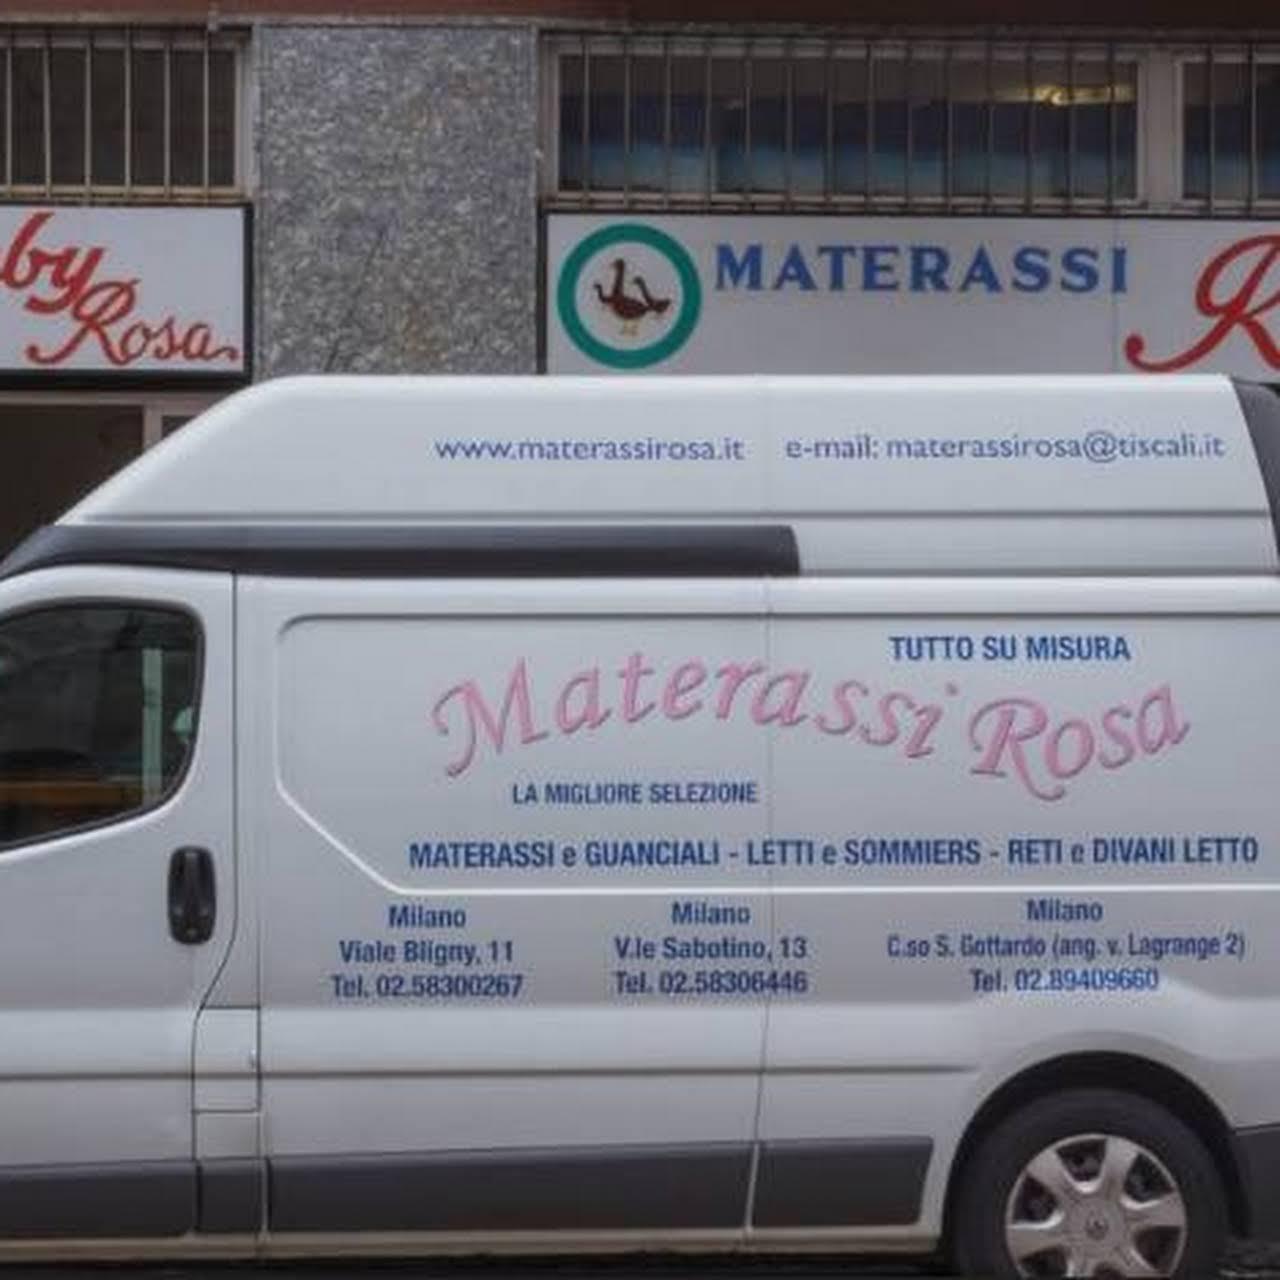 Materassi Rosa di Ferrara Massimiliano Milano - Negozio a Milano